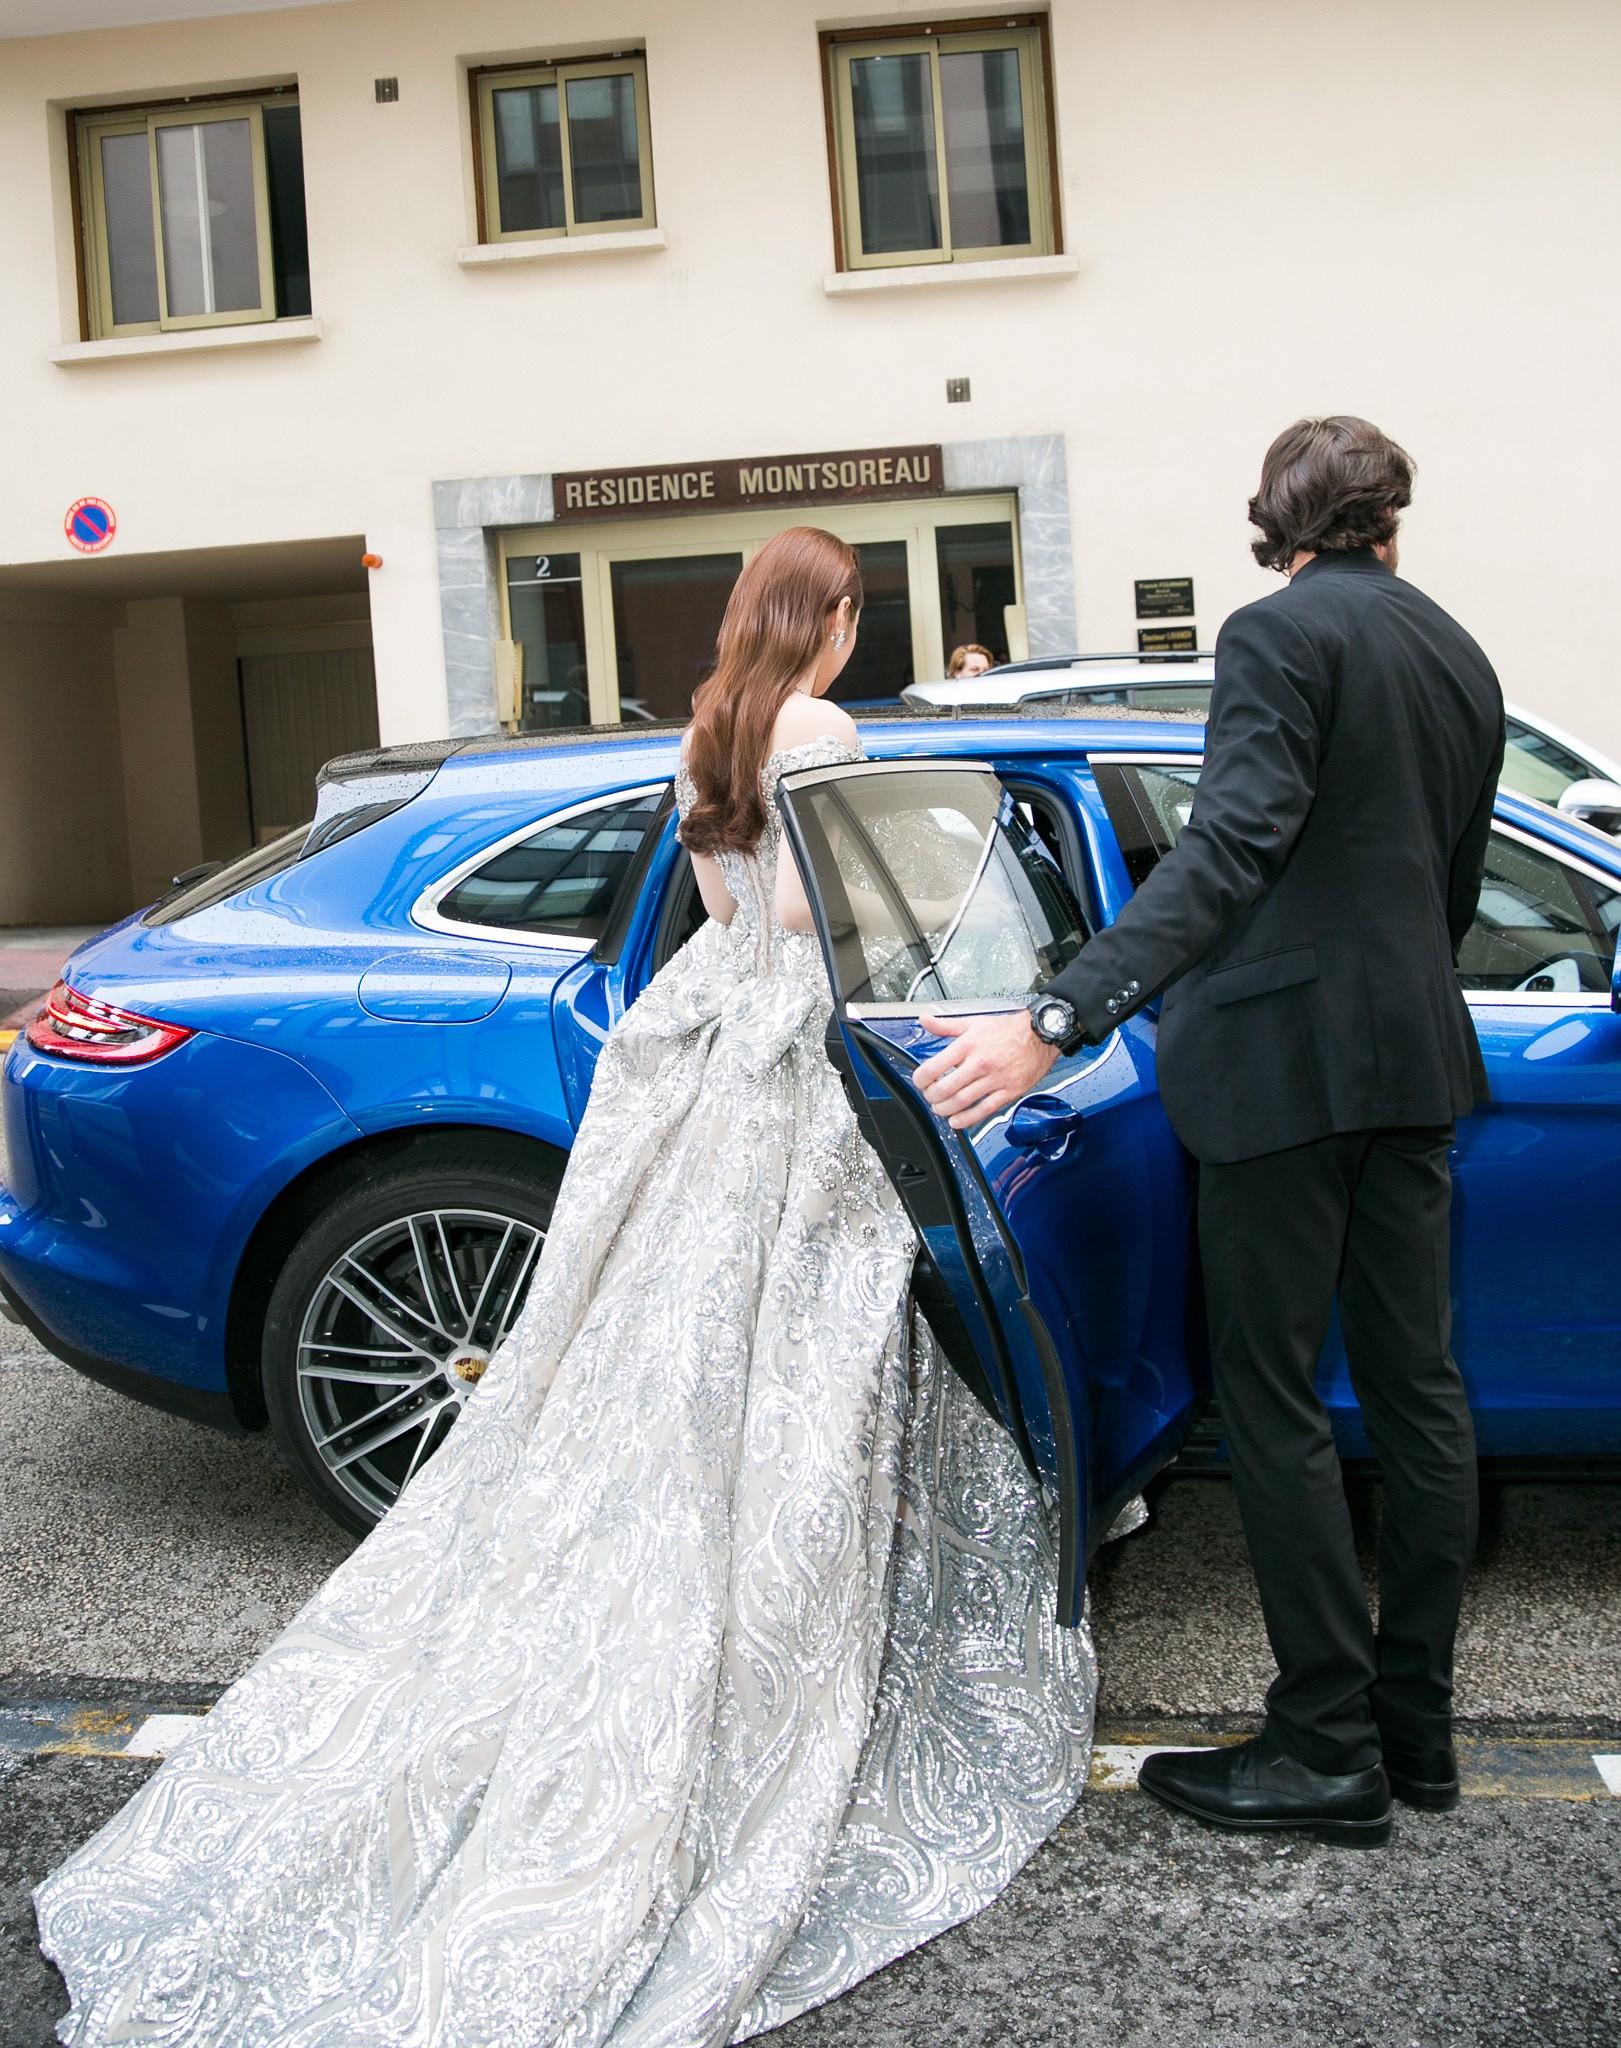 Lần đầu đến Cannes, bản sao Ngọc Trinh xuất hiện lộng lẫy trên thảm đỏ với trang sức tiền tỷ - Ảnh 9.